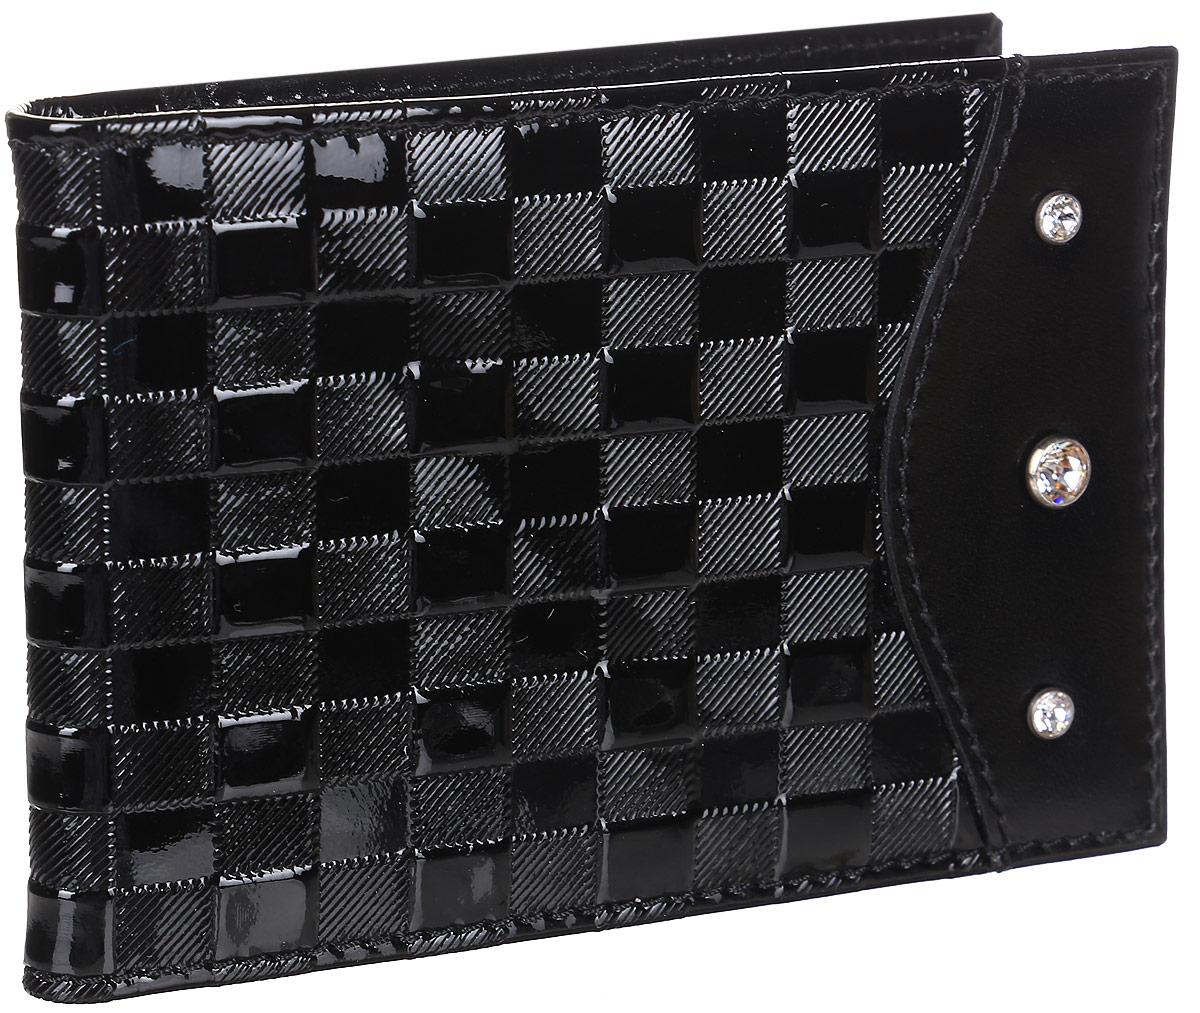 Визитница женская Elisir Botega black, цвет: черный. EL-LK269-FW0027-000EL-LK269-FW0027-000Футляр для дисконтных карт Elisir из натуральной кожи, коллекция Botega black с композицией из трёх кристаллов Swarovski. На лицевой стороне сочетание фактурной и гладкой чёрной кожи. Внутри 4 кармана для кредиток и пластиковый блок на 28 карт или визиток. Лист на 1 карту с удобной выемкой для пальца. Упакован в подарочную коробку с тиснением Elisir.